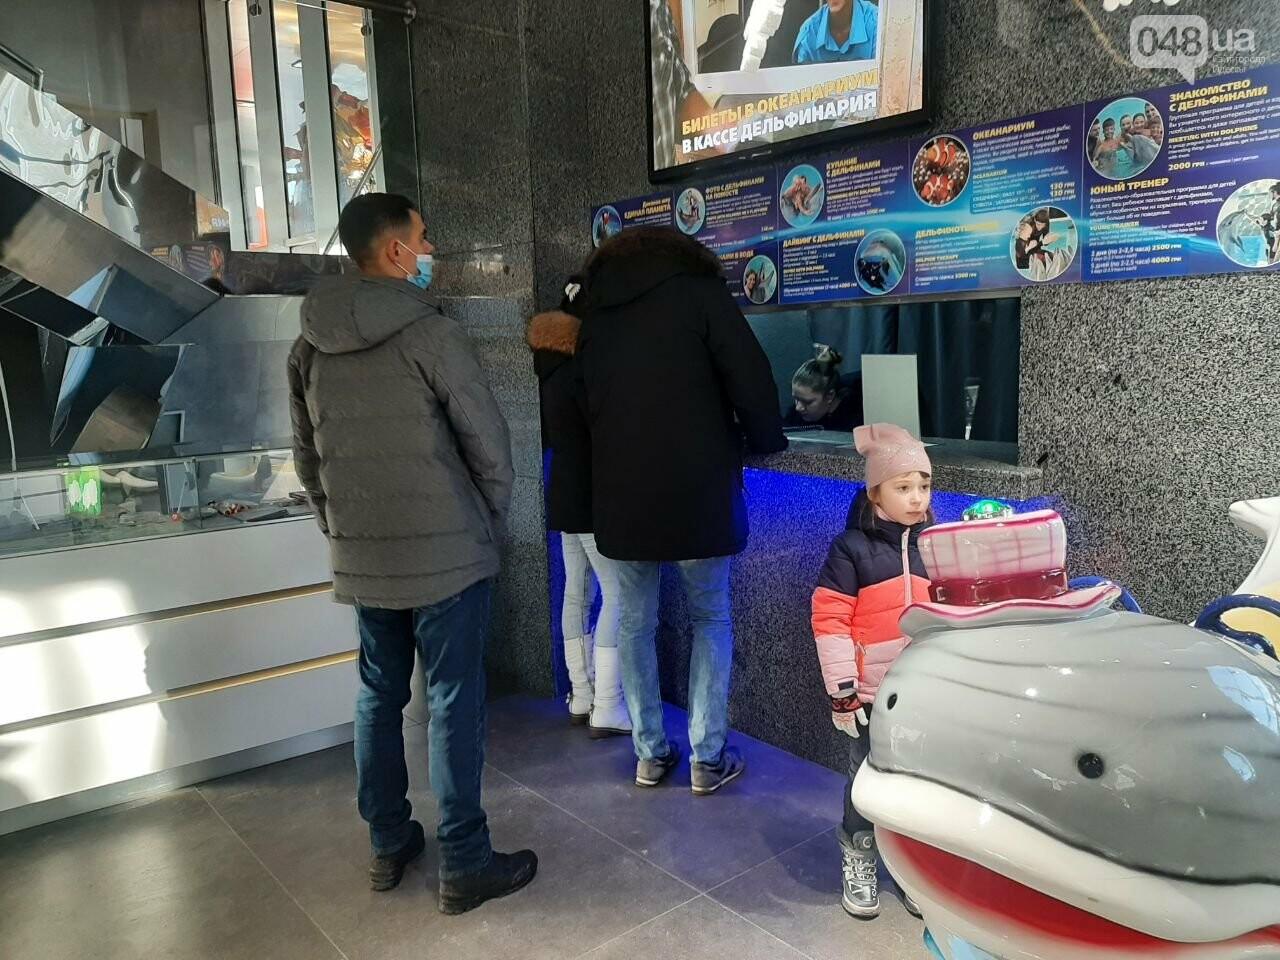 Локдаун не для всех: В Одессе работает дельфинарий, - ФОТО, фото-6